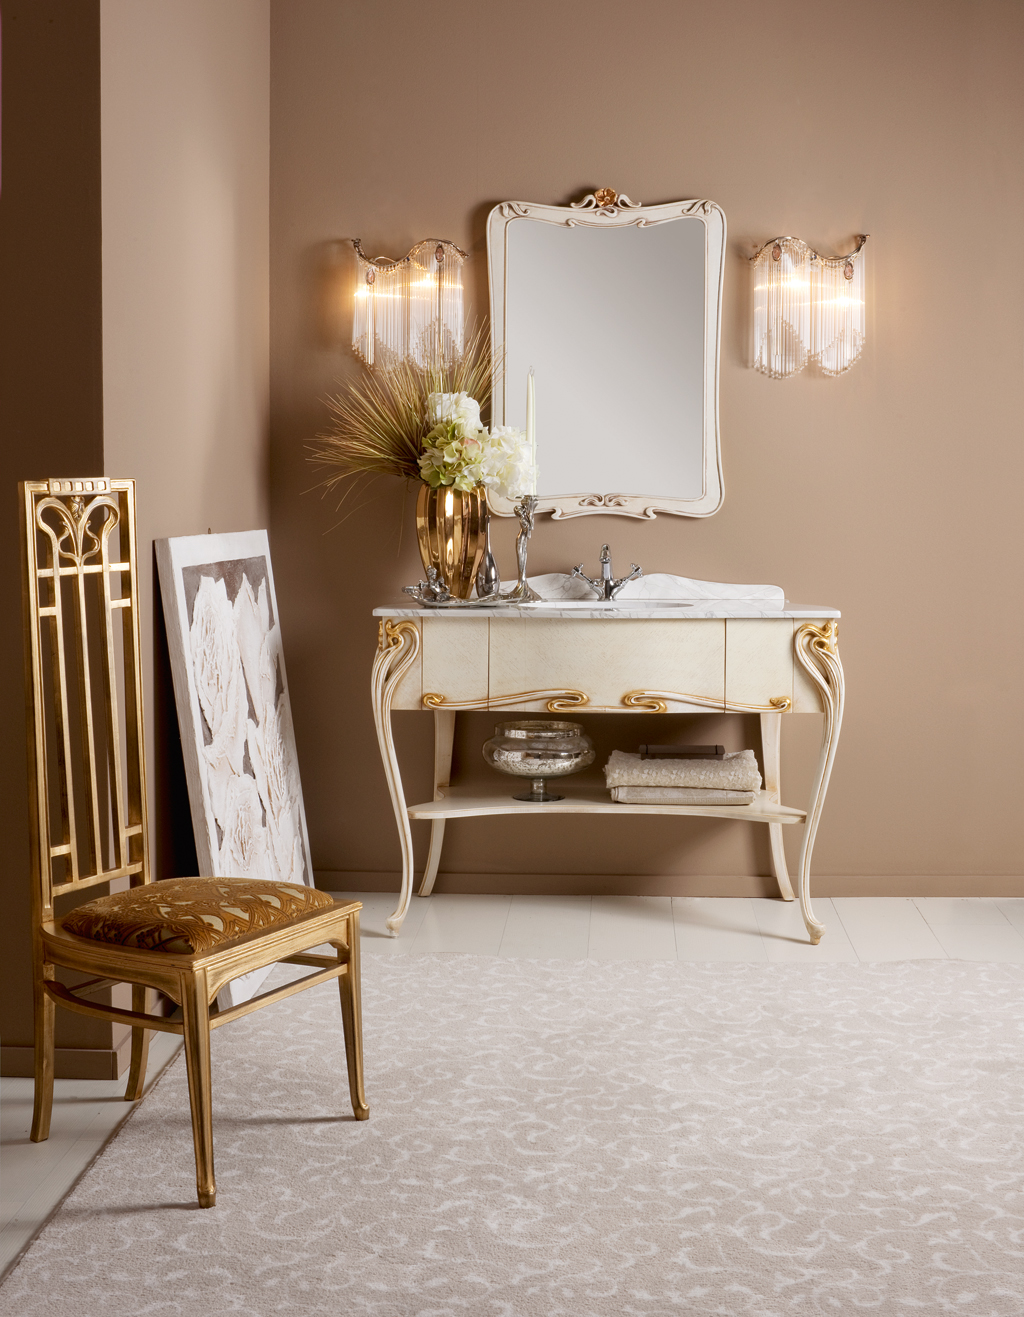 consolle e specchi per bagno Prestige